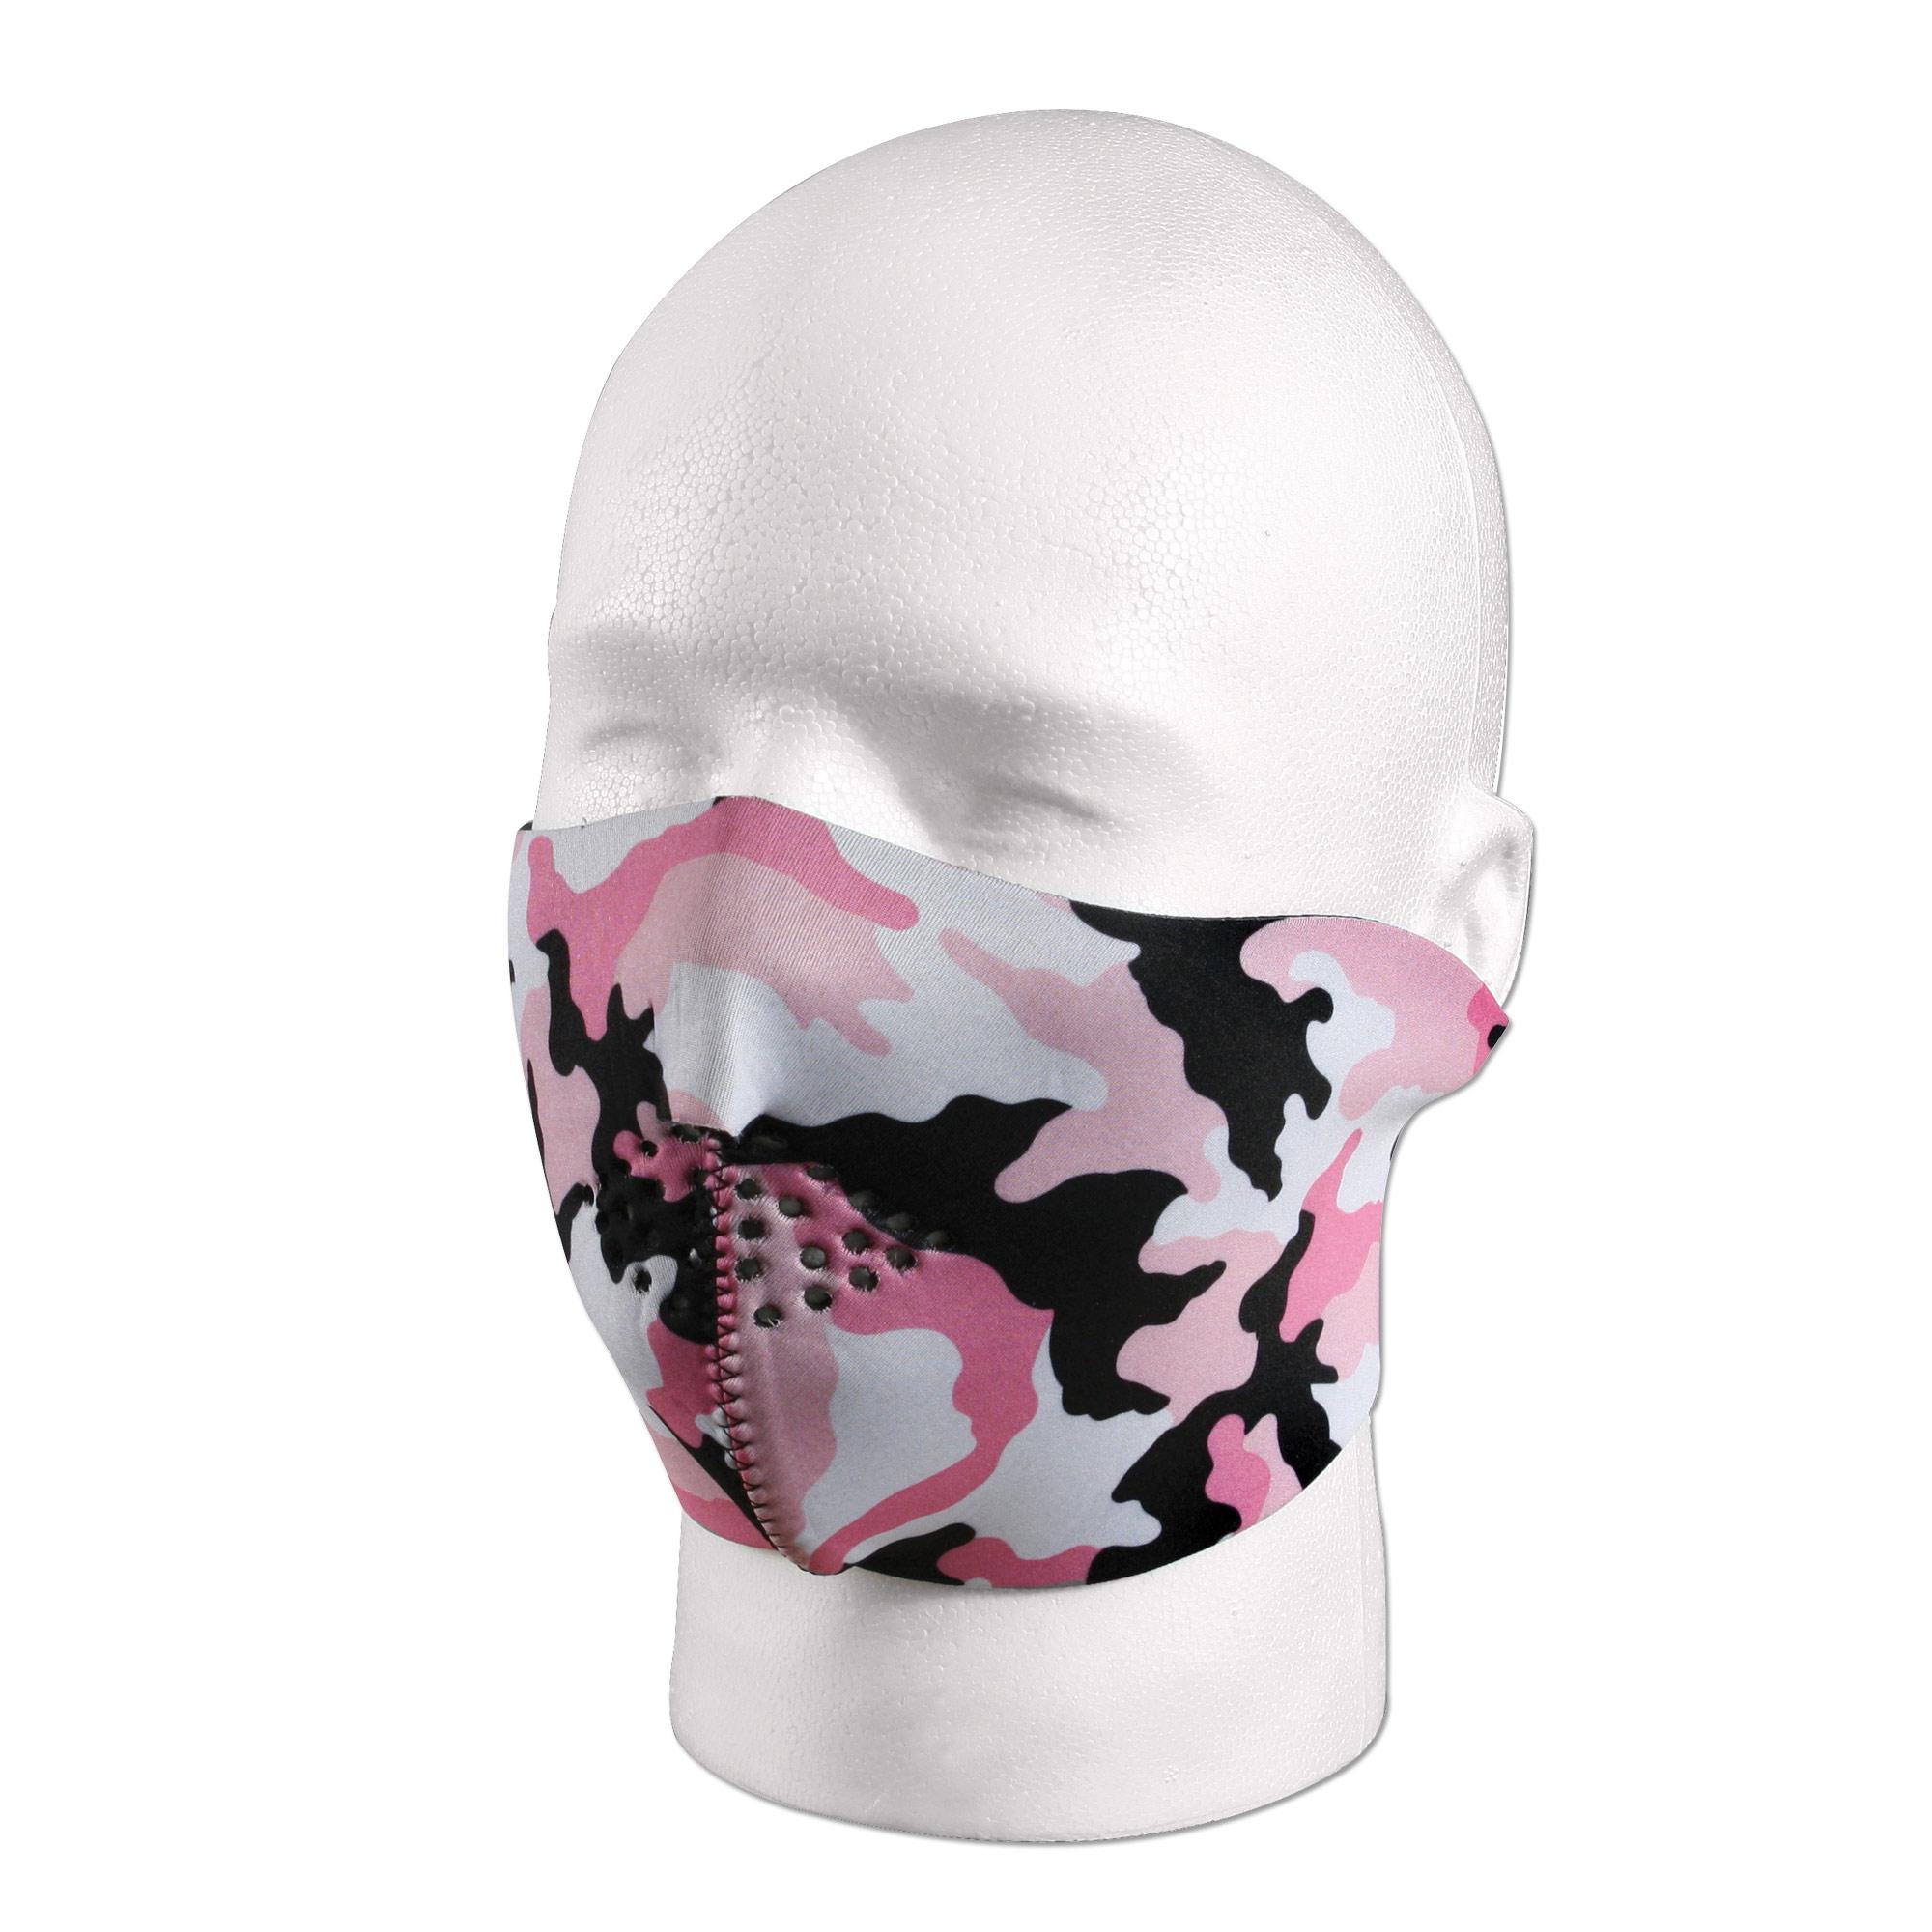 Neopren Gesichtsmaske Rothco pink-camo/schwarz